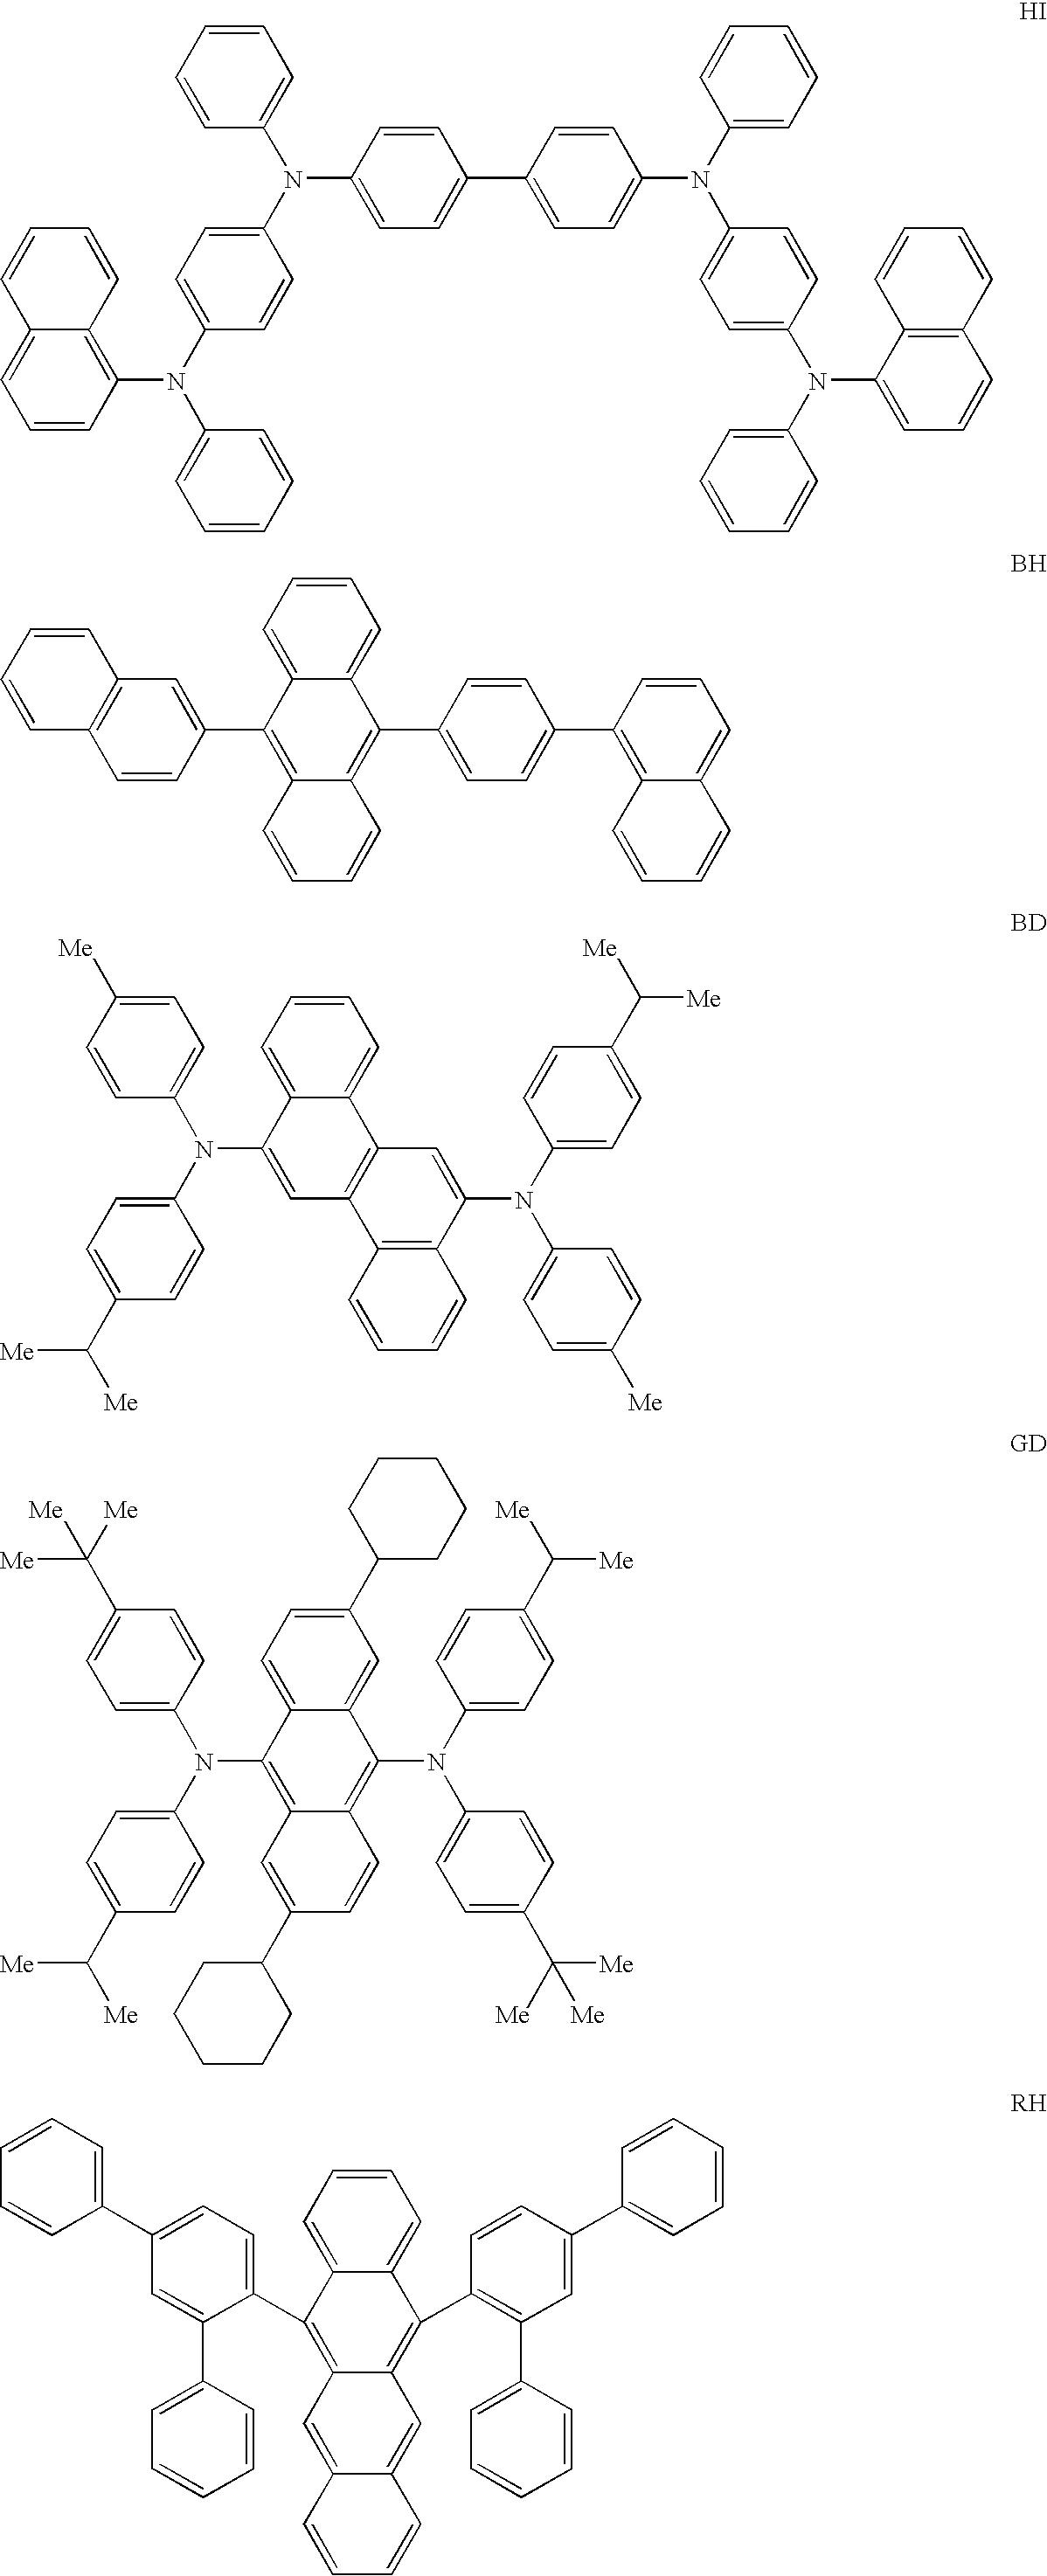 Figure US20080049413A1-20080228-C00064